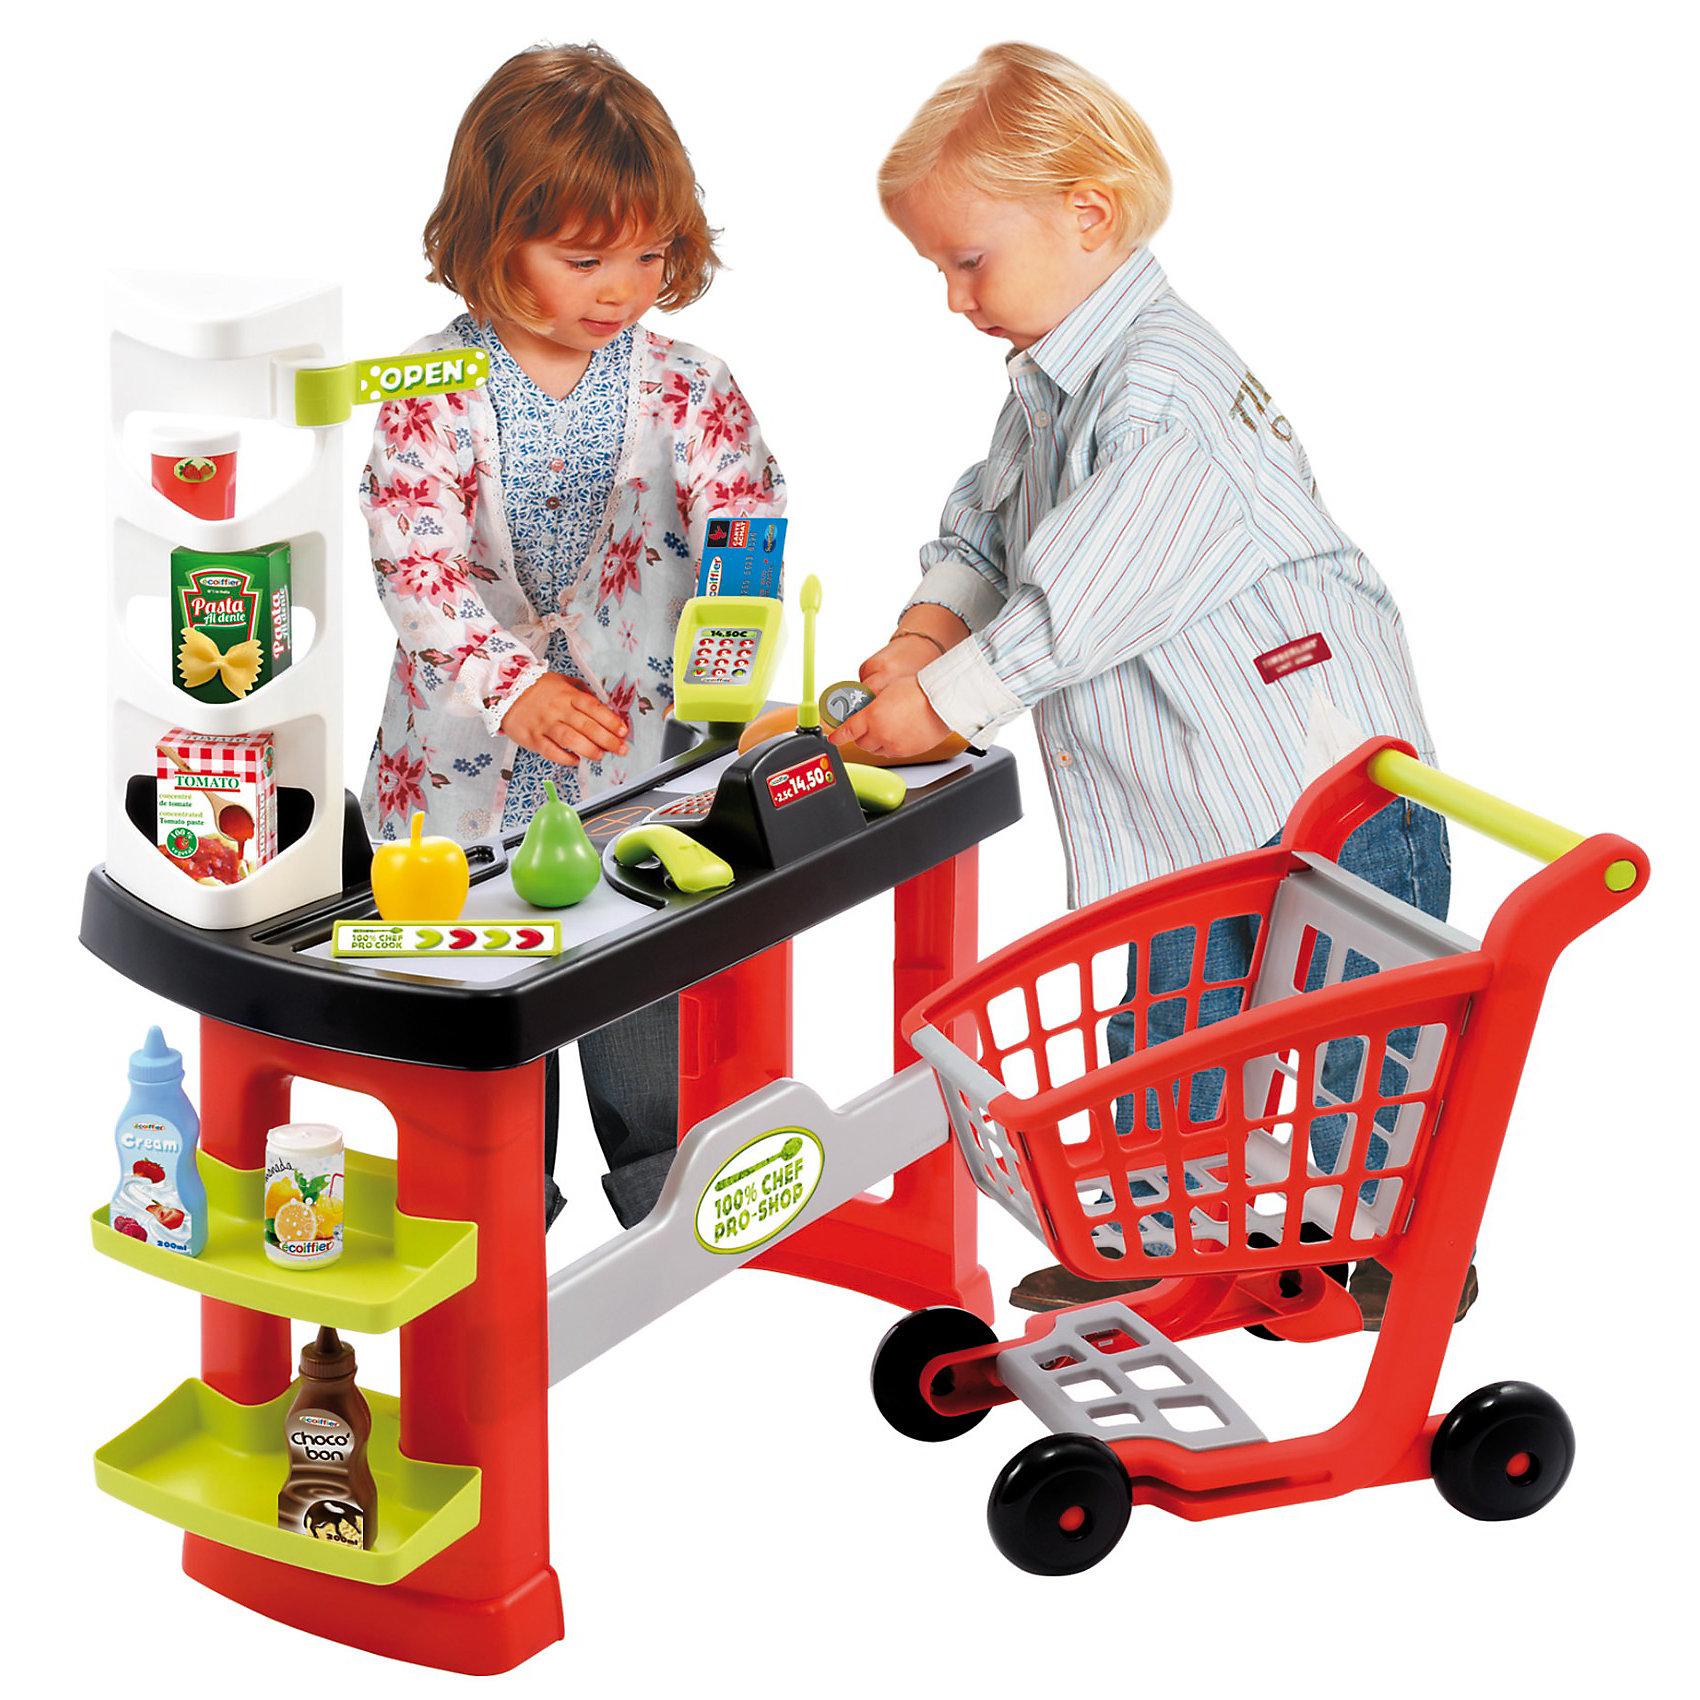 Супермаркет с тележкой, EcoiffierДетский супермаркет<br>Этот магазин создан специально для детей. Он включает 20 аксессуаров для наиболее реалистичной игры. Аксессуары включают в себя устройство считывания кредитных карт, ящик для монет, бумажных денег и кредитных карт. В набор также входит корзина для покупок, которая позволяет осуществлять покупки как в настоящем супермаркете.<br><br>Дополнительная информация:<br><br>- В комплекте: кассовая стойка, кассовый терминал, тележка для продуктов, стойка для продуктов, терминал для оплаты картой, игрушечные продукты, электронные весы, сканер штрих-кода, игрушечные деньги, ценники. <br>- Материал: пластик высокого качества<br>- Без электрических функций<br>- Размеры (ДхШхВ): 61 х 34 х 71 см<br><br>Супермаркет с тележкой, Ecoiffier можно купить в нашем магазине.<br><br>Ширина мм: 580<br>Глубина мм: 385<br>Высота мм: 252<br>Вес г: 2461<br>Возраст от месяцев: 36<br>Возраст до месяцев: 60<br>Пол: Унисекс<br>Возраст: Детский<br>SKU: 2471712